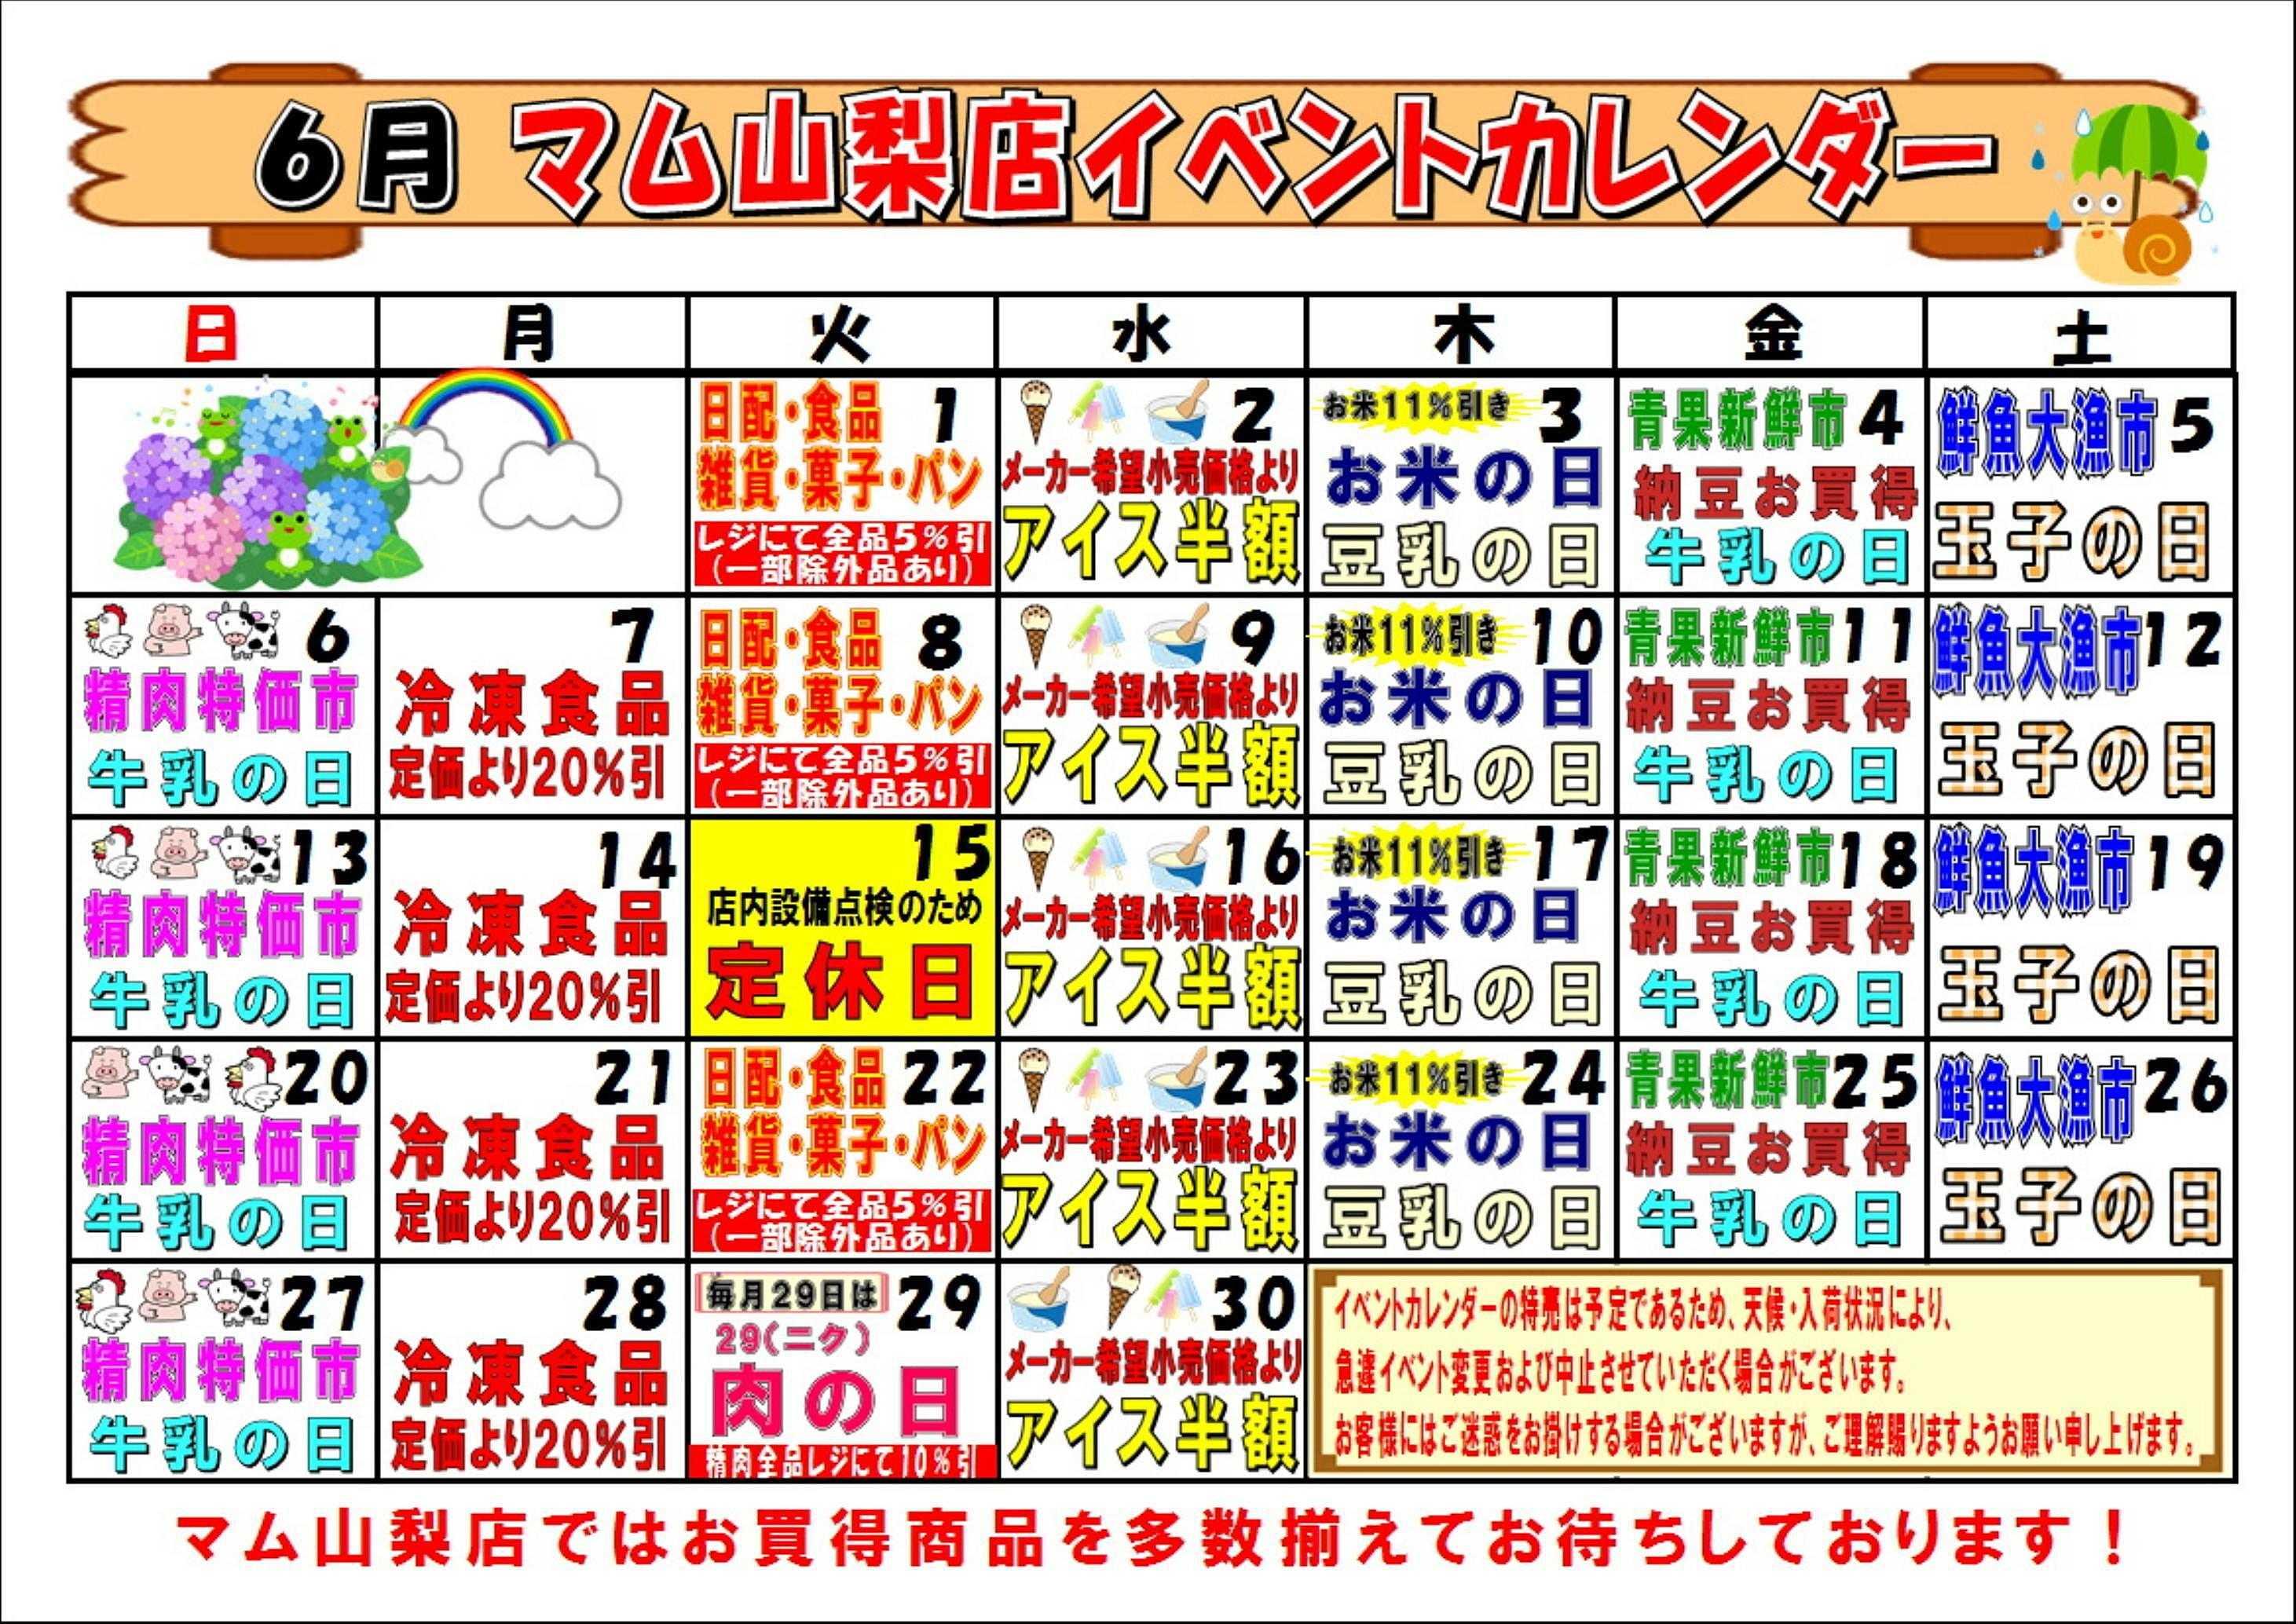 フードマーケット マム 山梨 イベントカレンダー